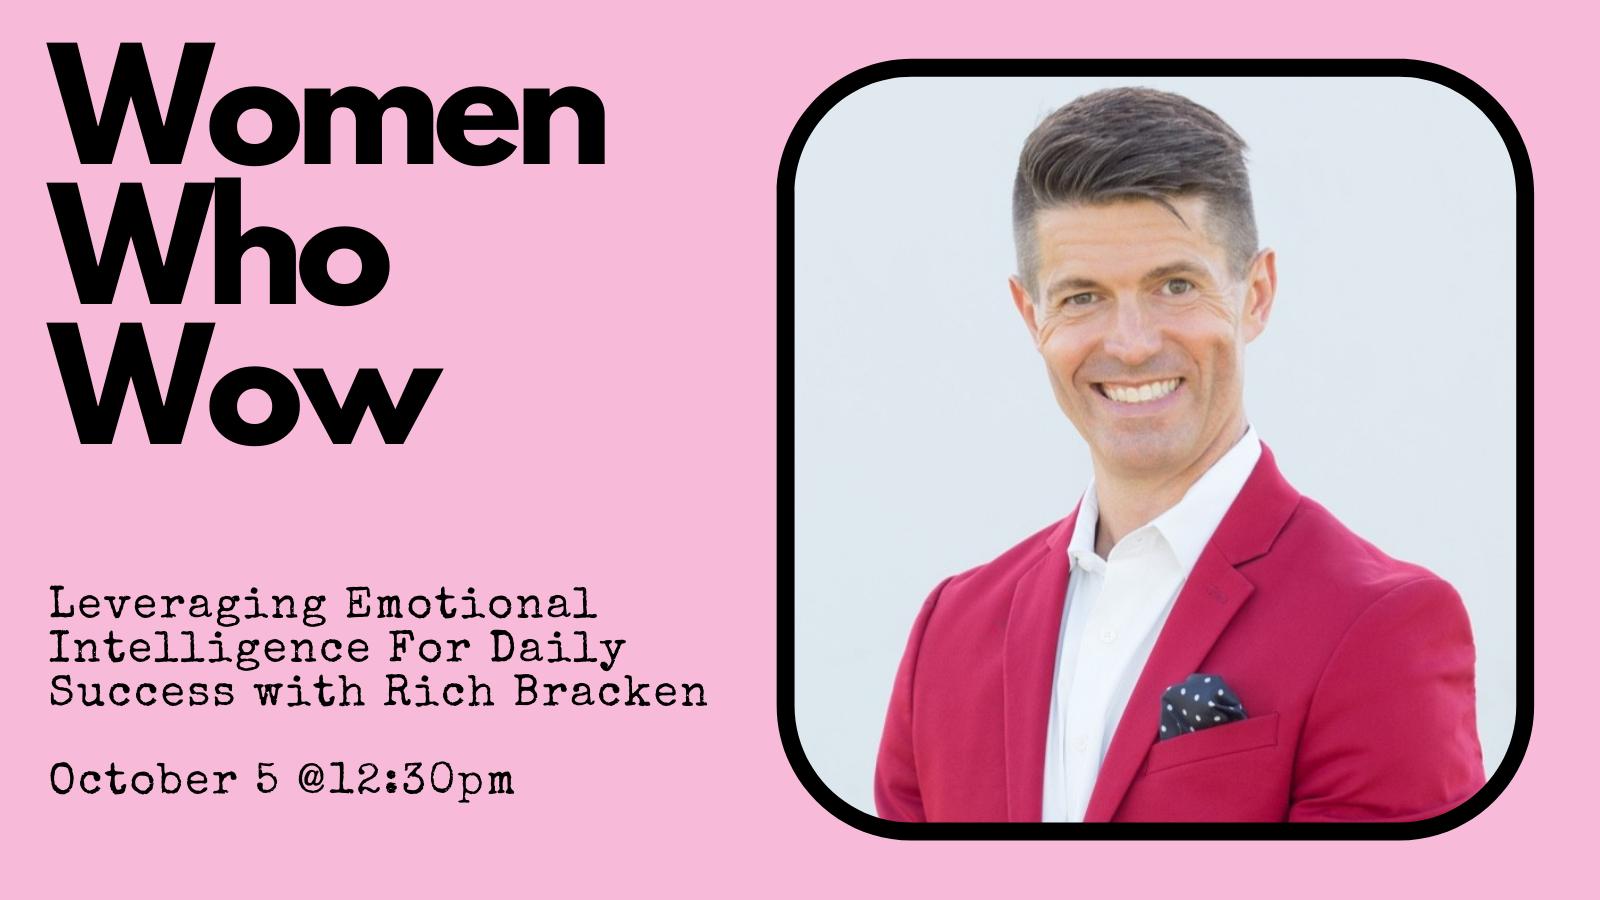 Women Who Wow Rich Bracken Program